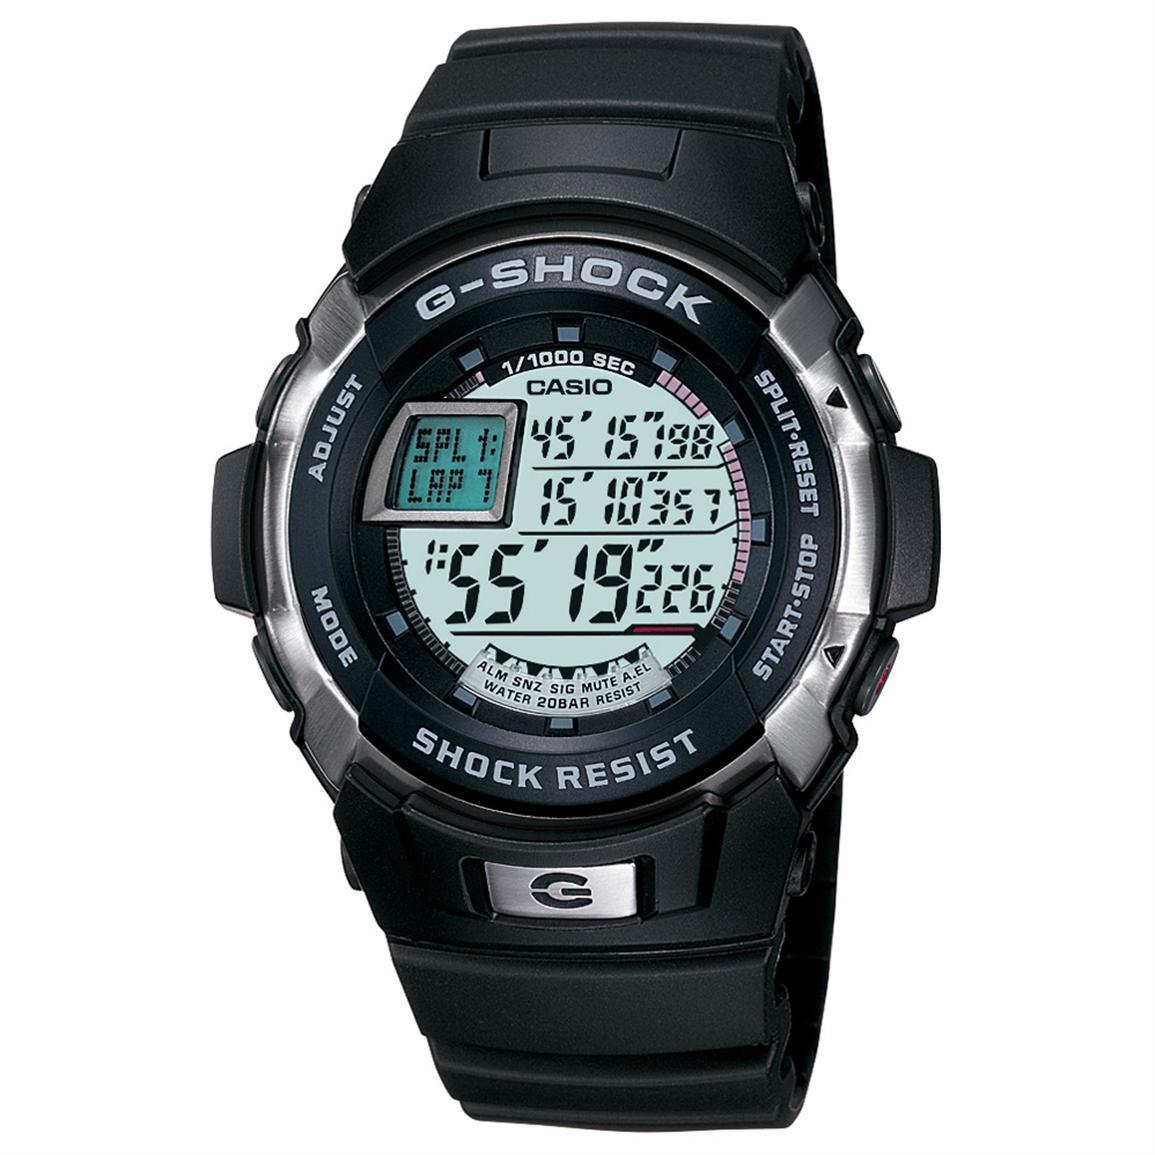 Casio Men's G7700-1 G-Shock Black Watch (Black), Pink, Si...